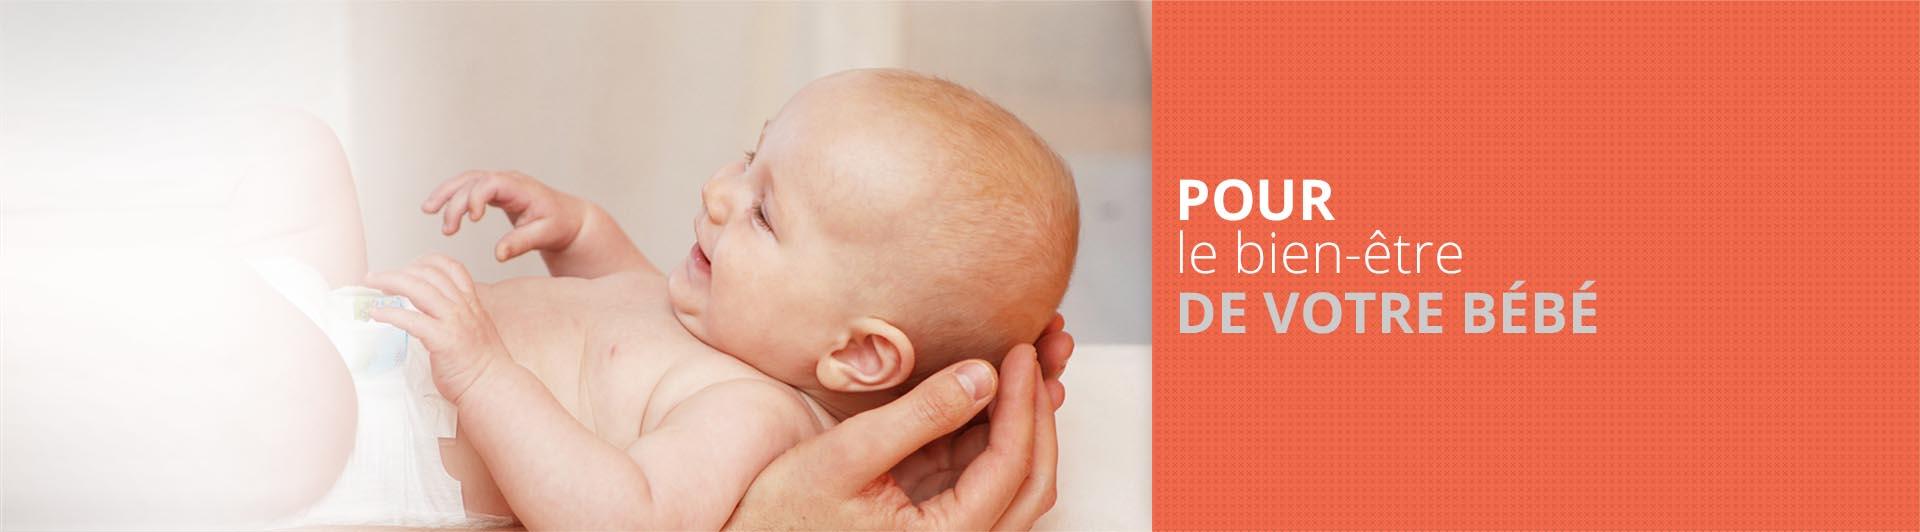 Pour le bien-être de votre bébé